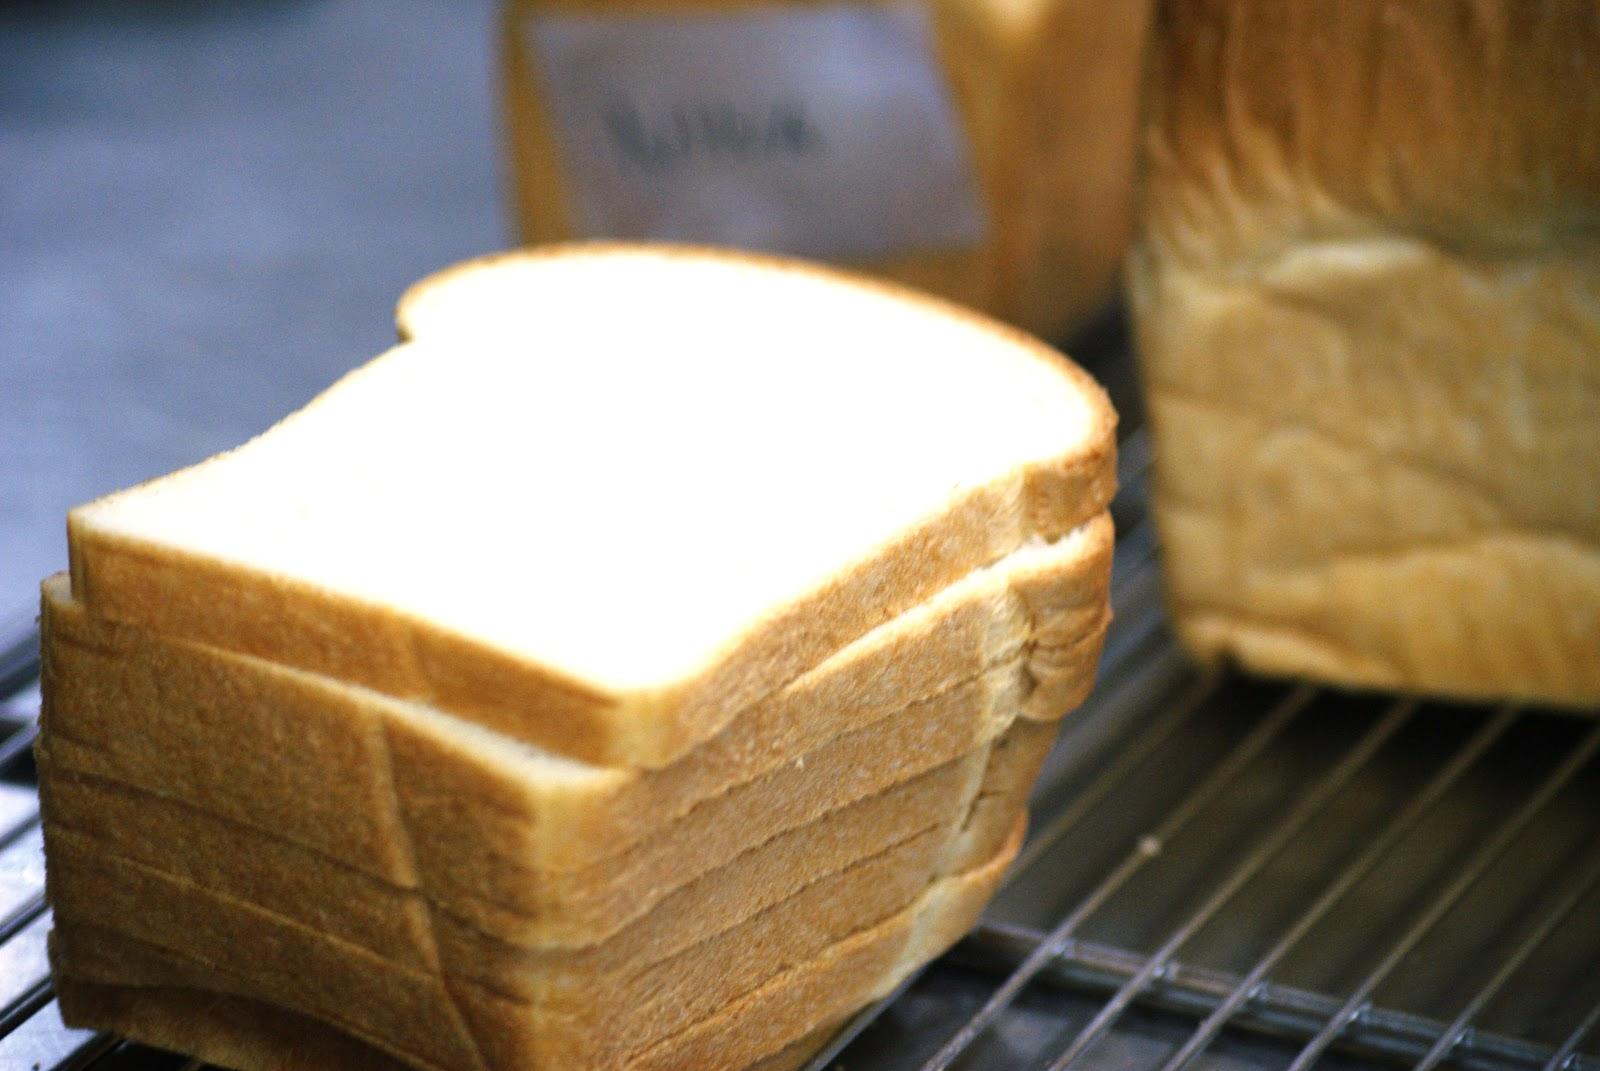 Nfl Wallpapers P Of Cara Membuat Roti Jun Nfl Wallpapers